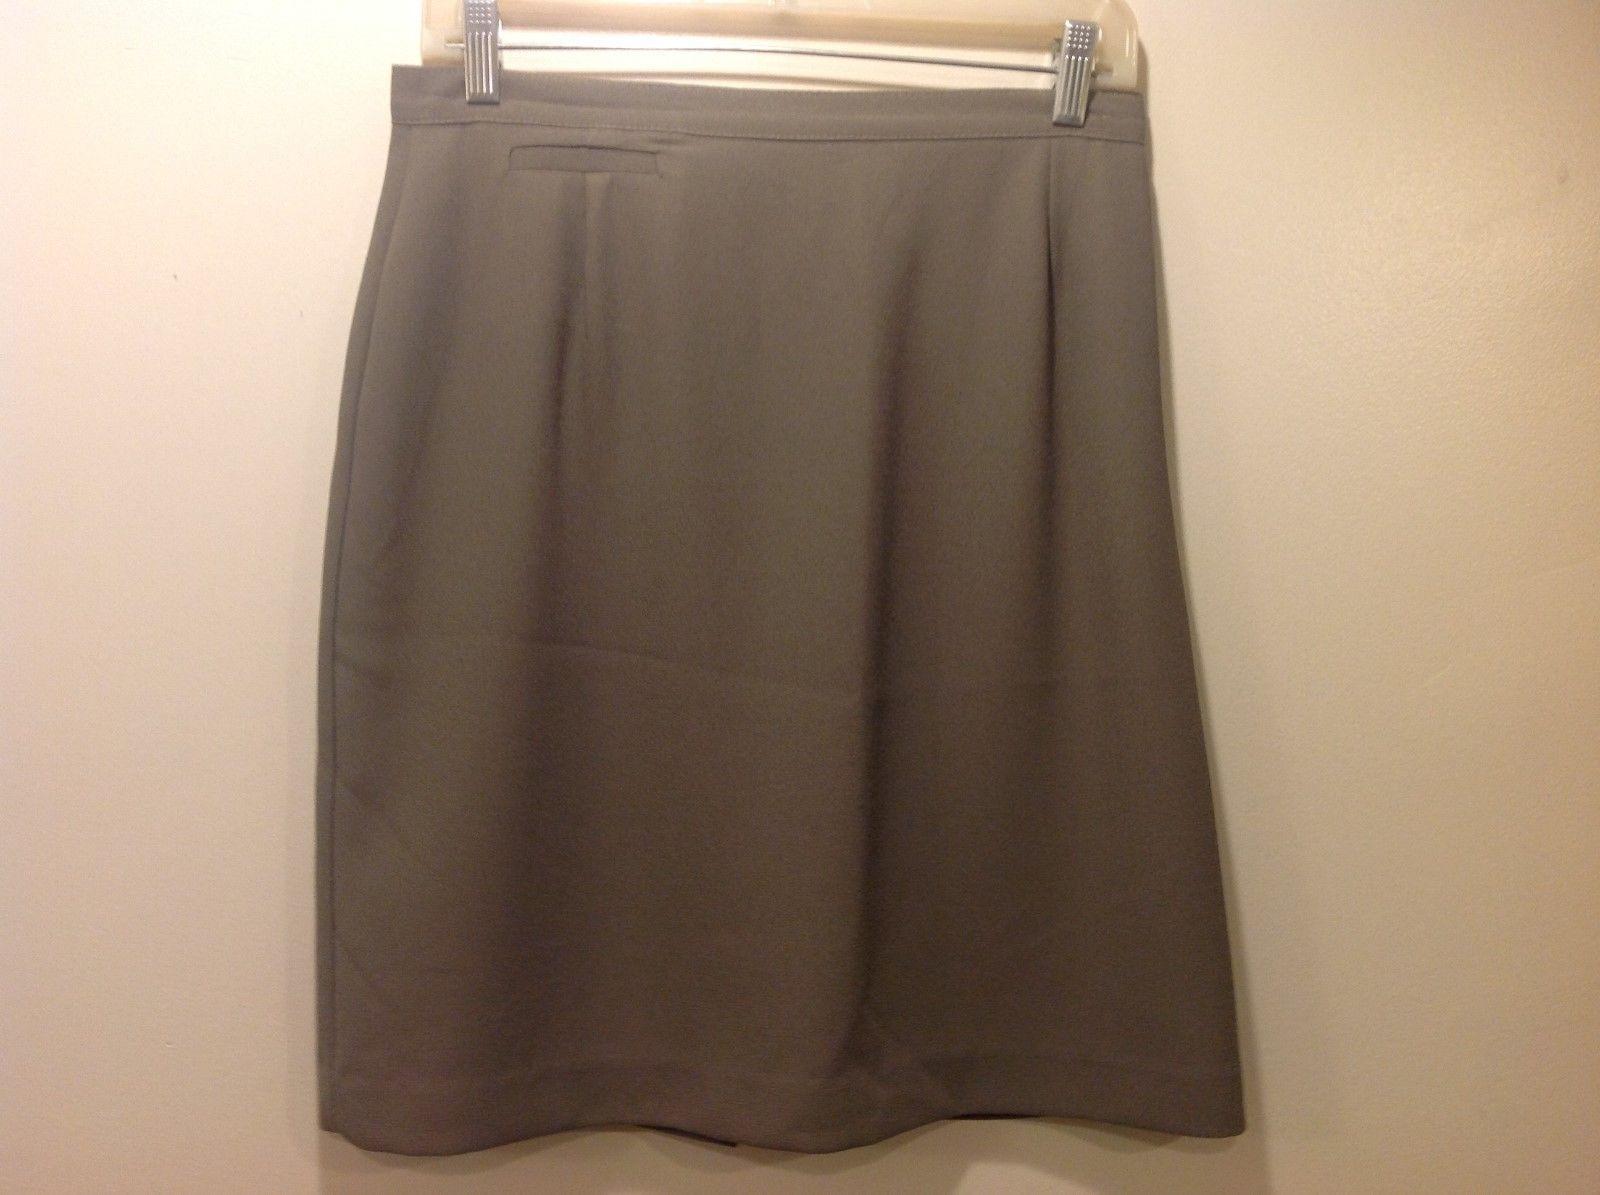 S.C BASICS Petite Green Skirt